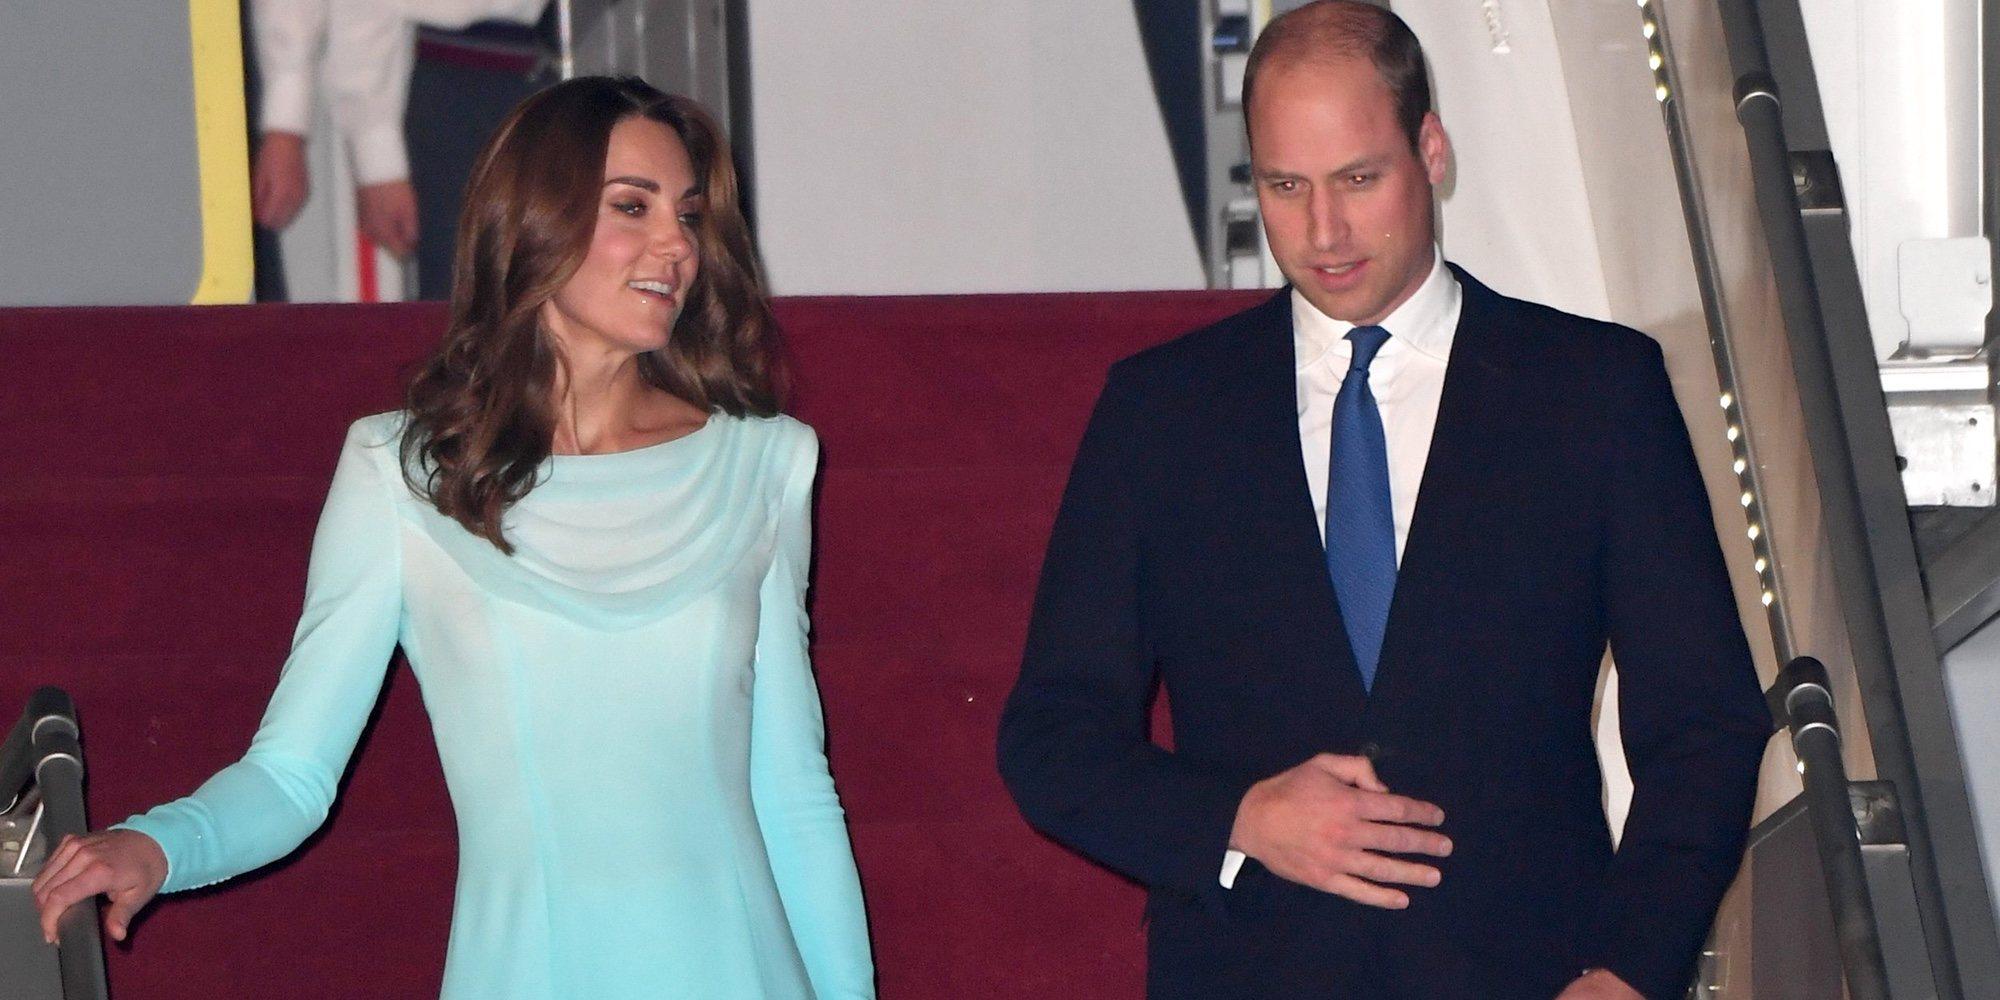 El recuerdo de Lady Di, muy presente en el viaje oficial del Príncipe Guillermo y Kate Middleton a Pakistán